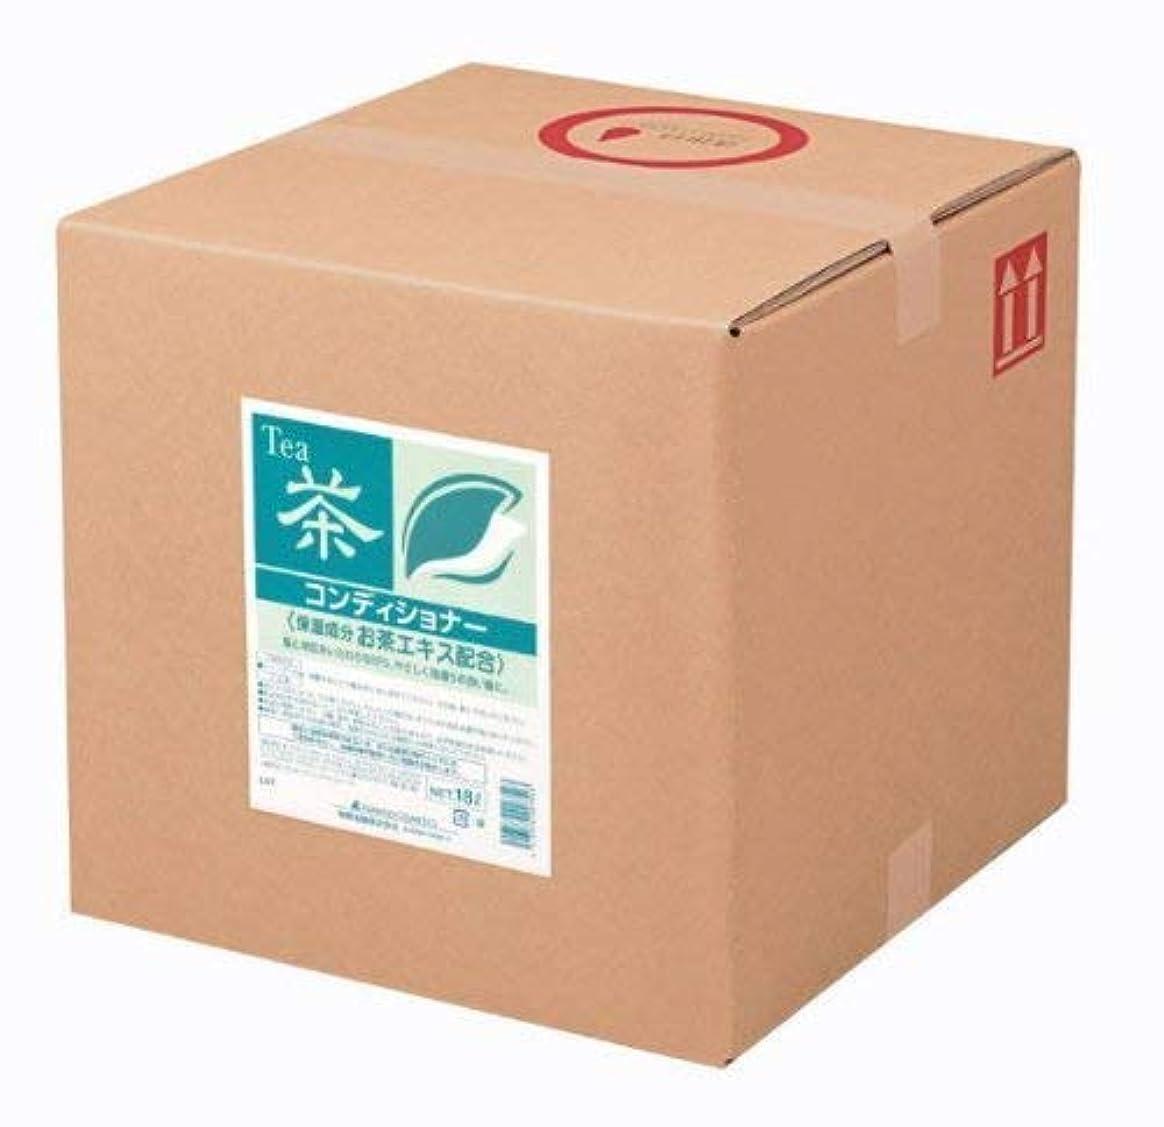 オフェンス敵対的カウボーイ業務用 SCRITT(スクリット) お茶 コンディショナー 18L 熊野油脂 (コック無し)